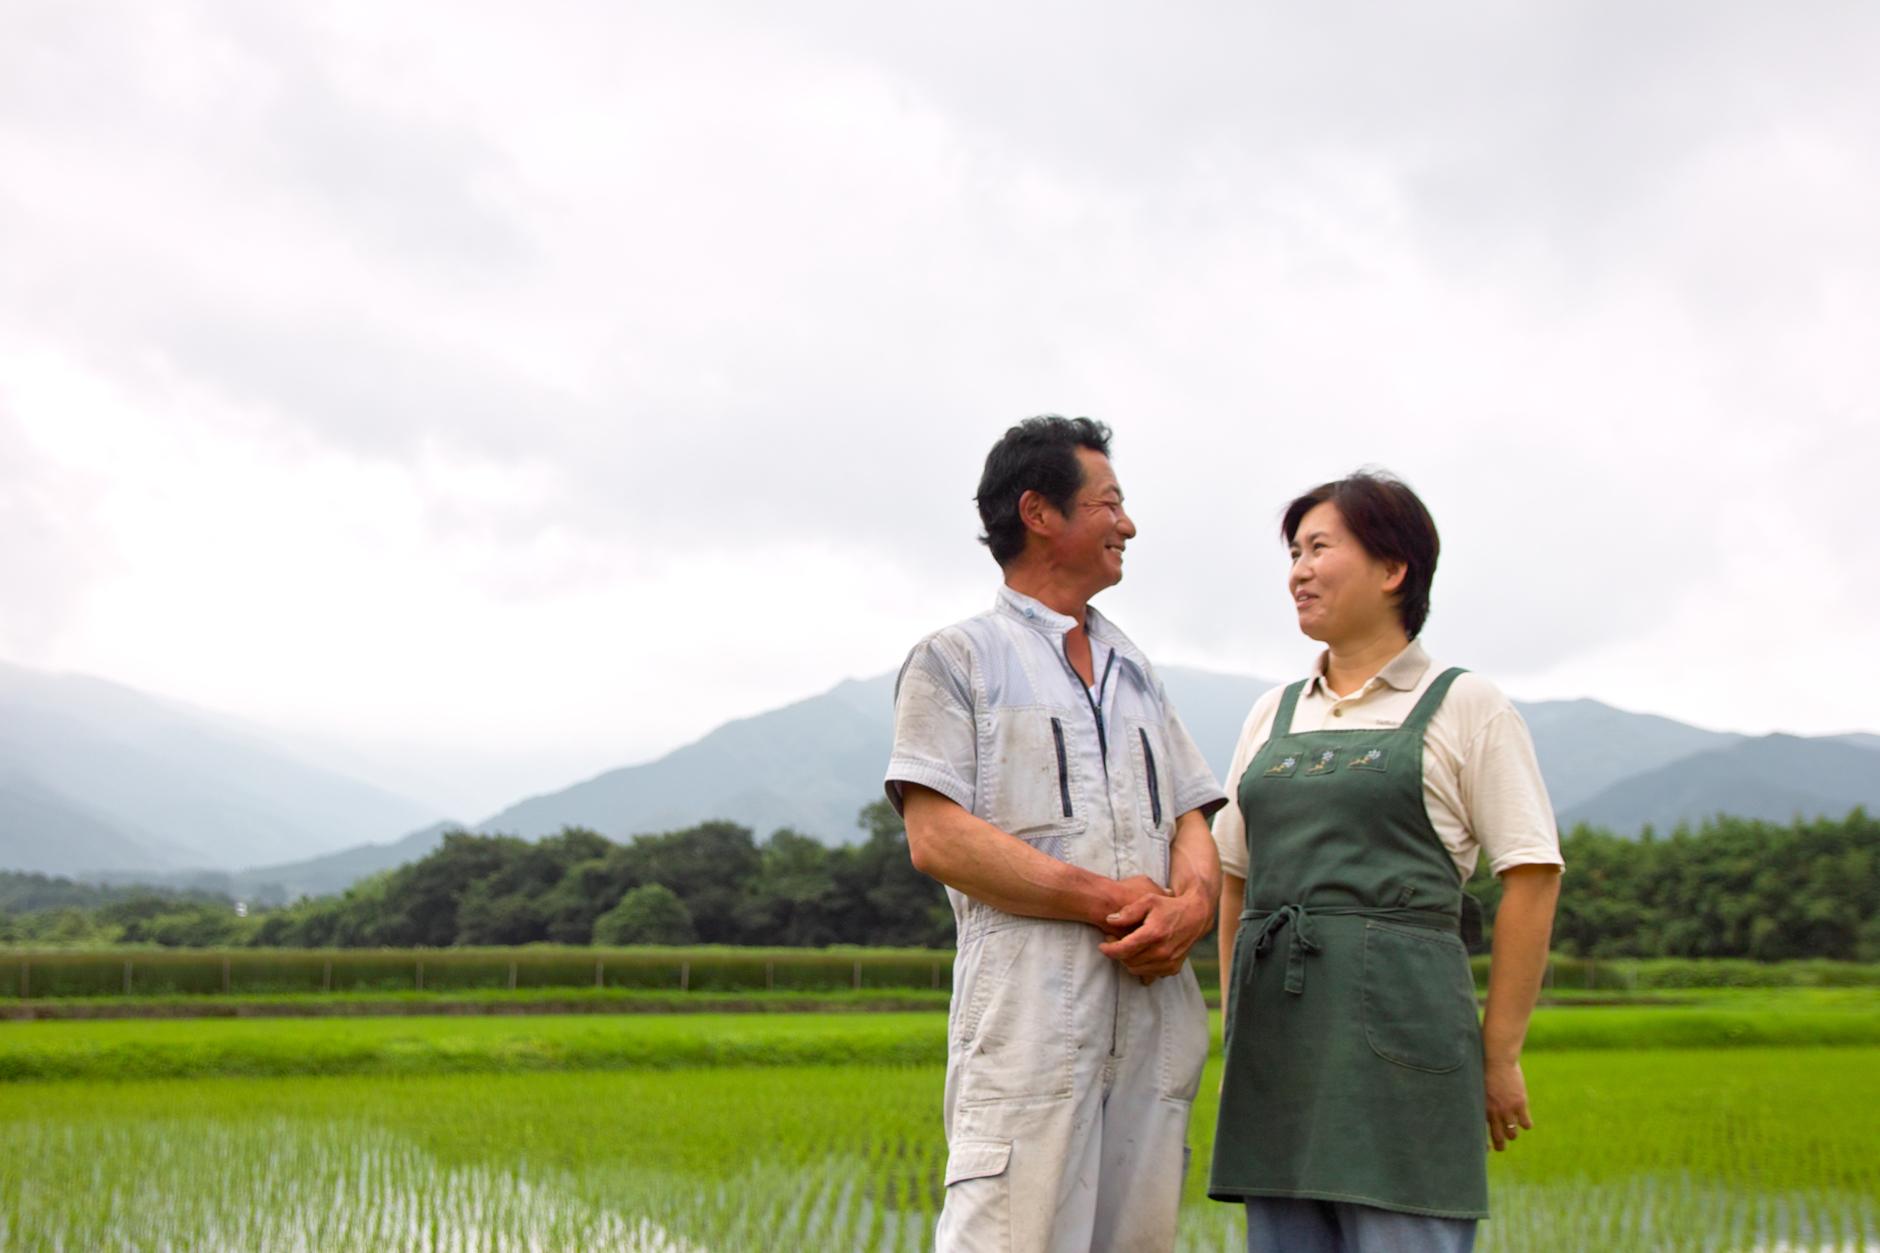 い草農家の田中弘幸さん